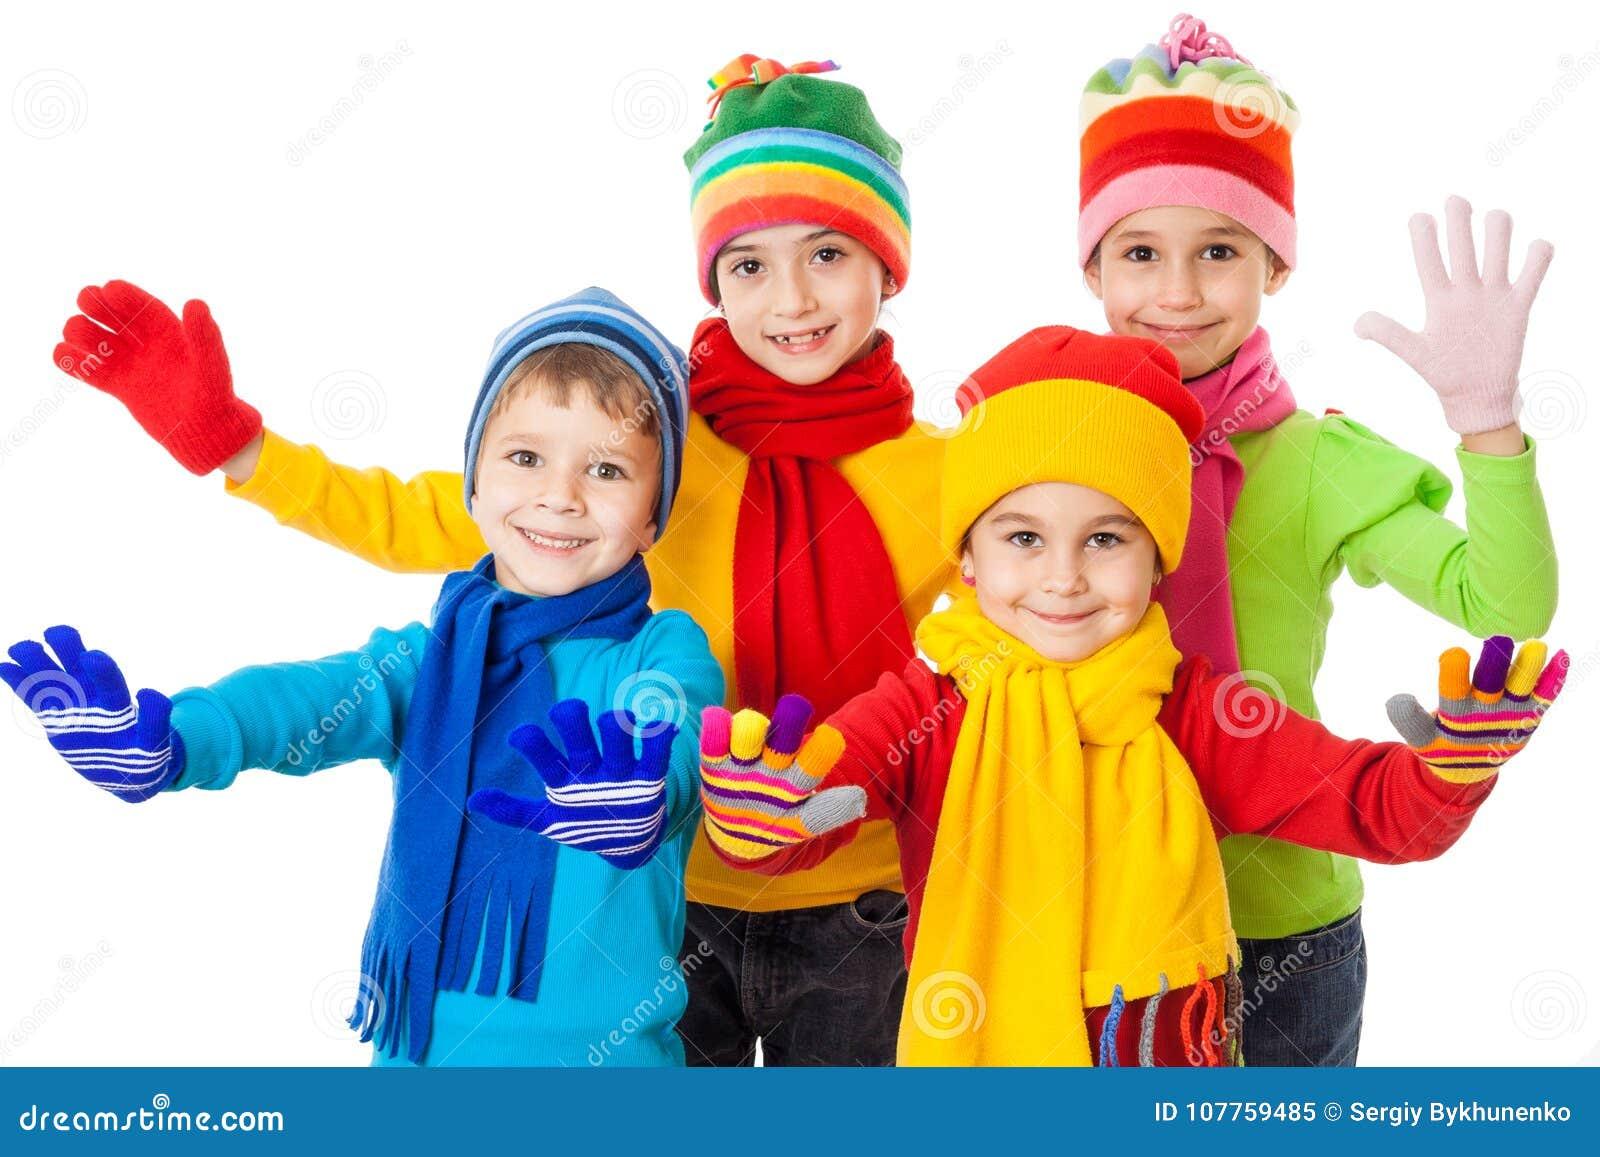 Grupo de niños sonrientes en ropa del invierno